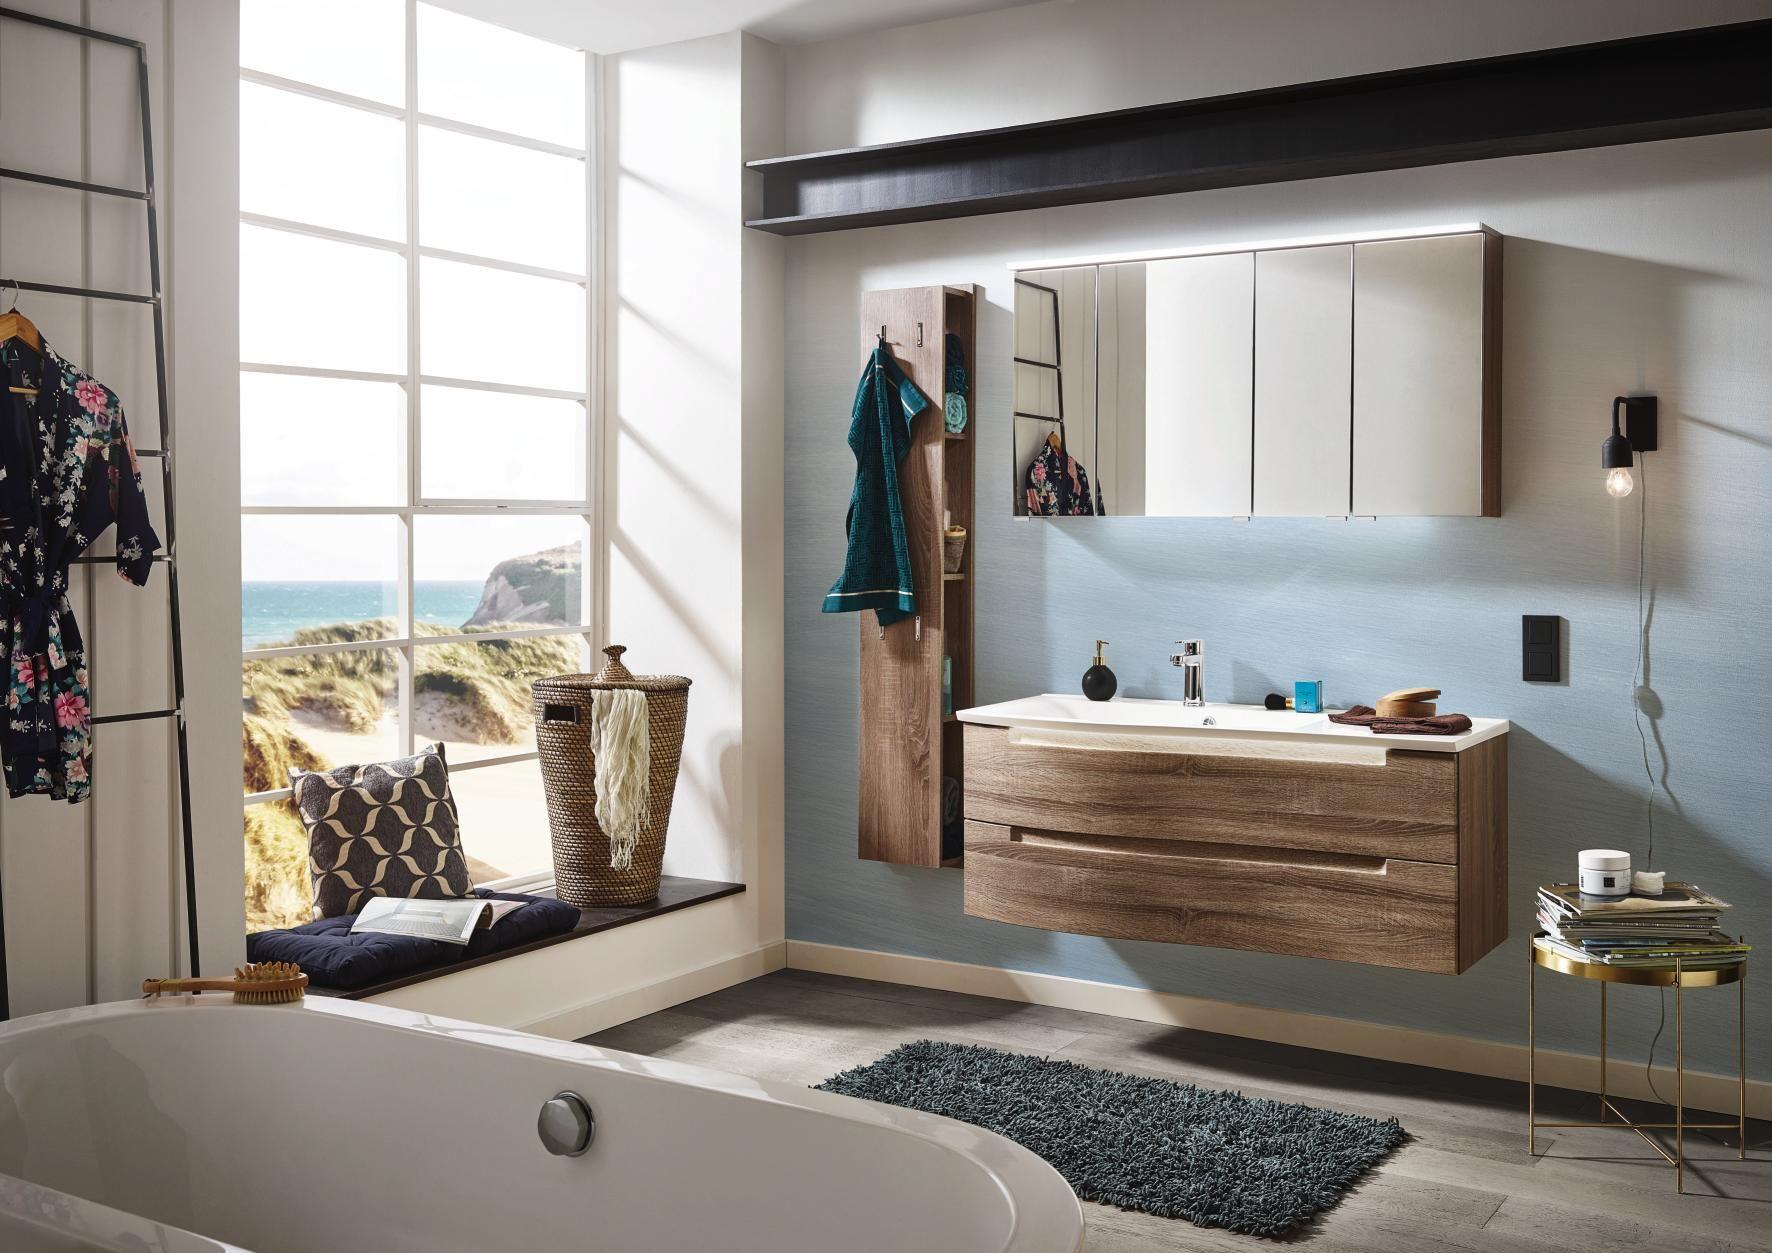 Novel badezimmer badezimmer pinterest badezimmer 30 - Badezimmer novel ...